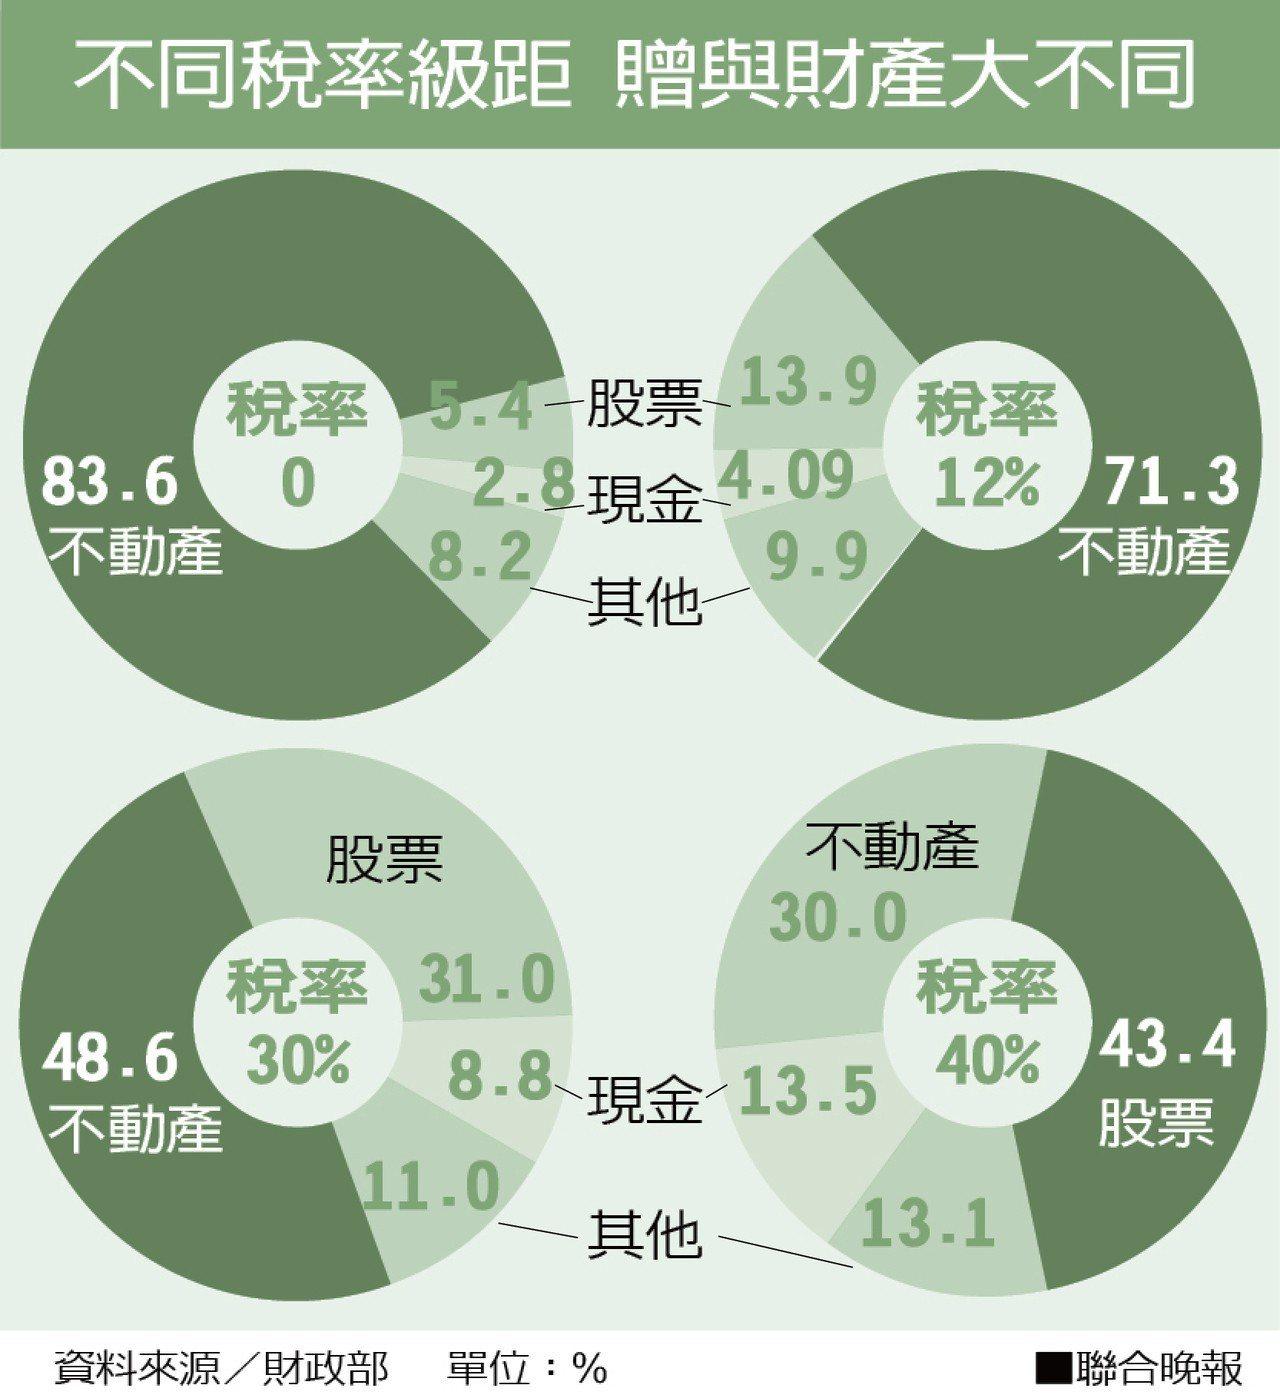 單位:% 資料來源/財政部 ■聯合晚報